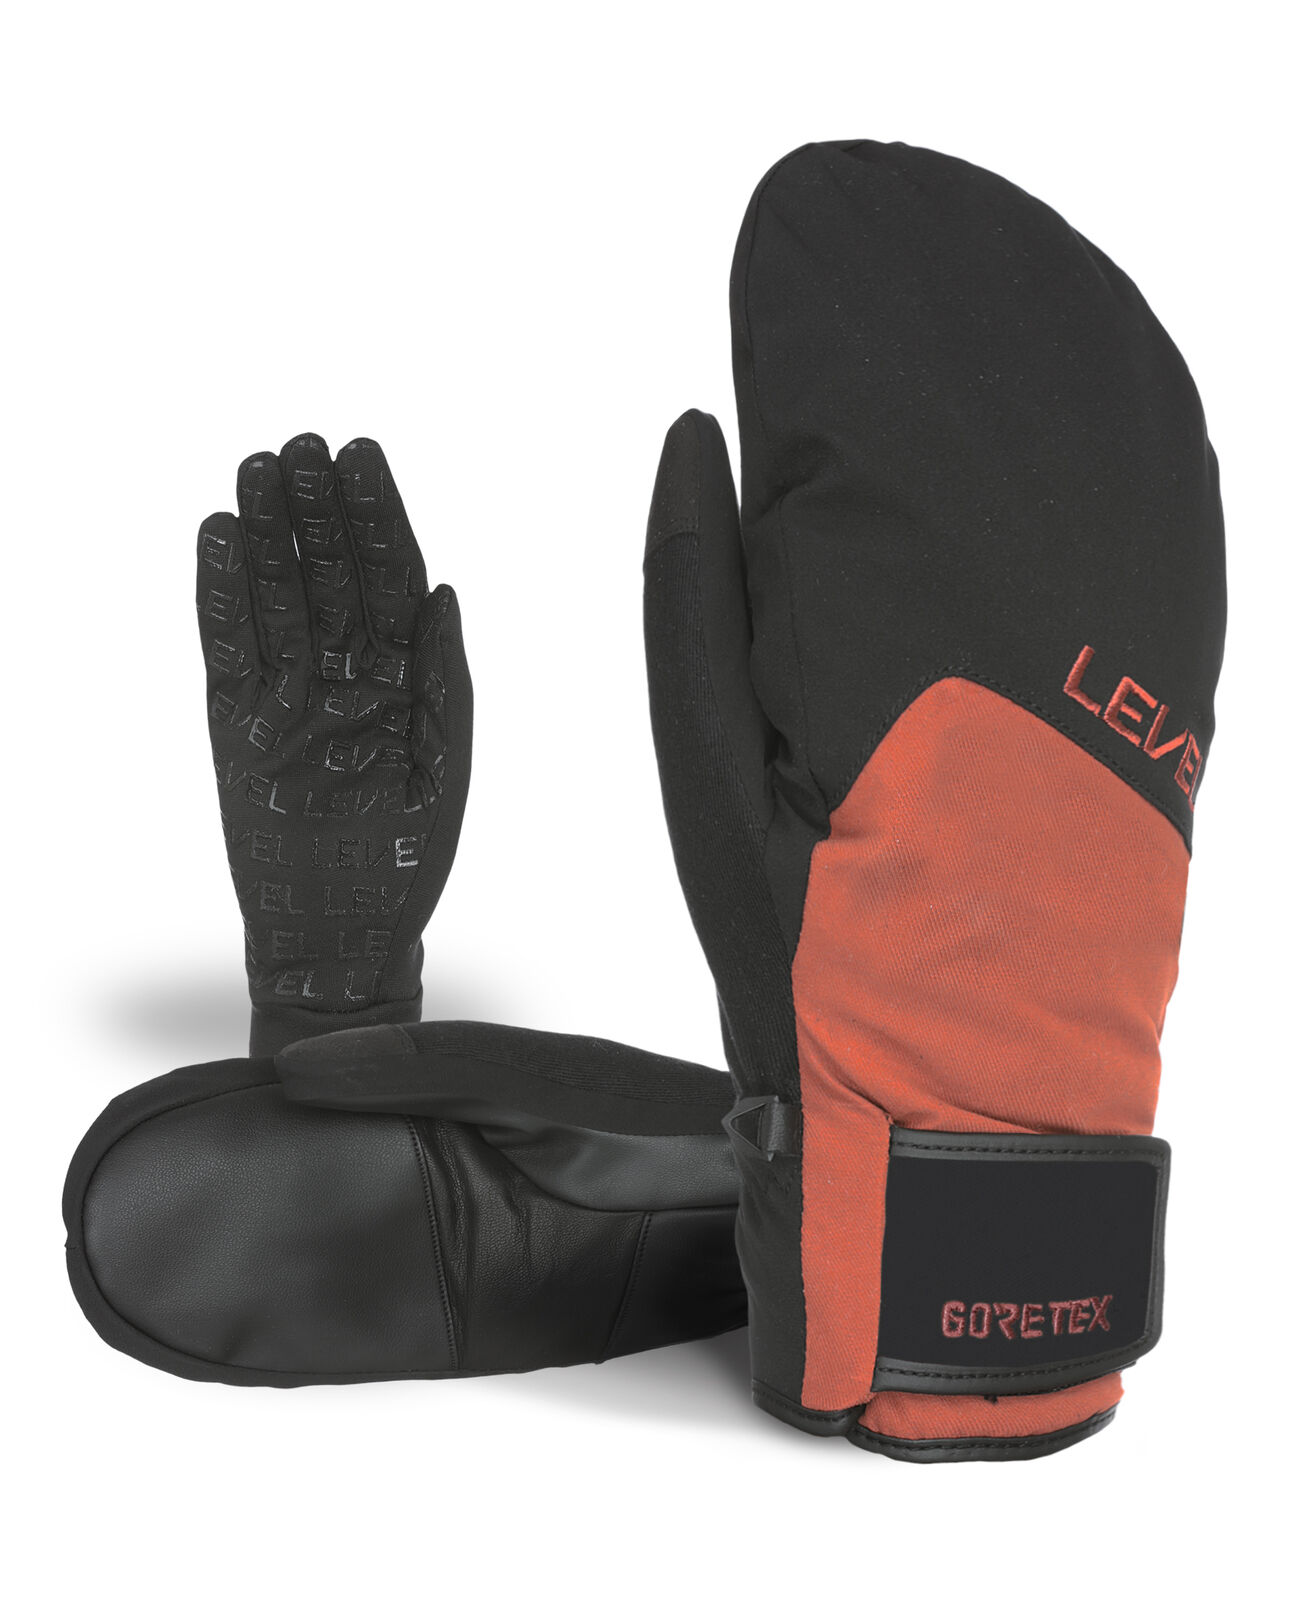 Level Handschuh  Rescue Mitt Gore-Tex brown winddicht wasserdicht